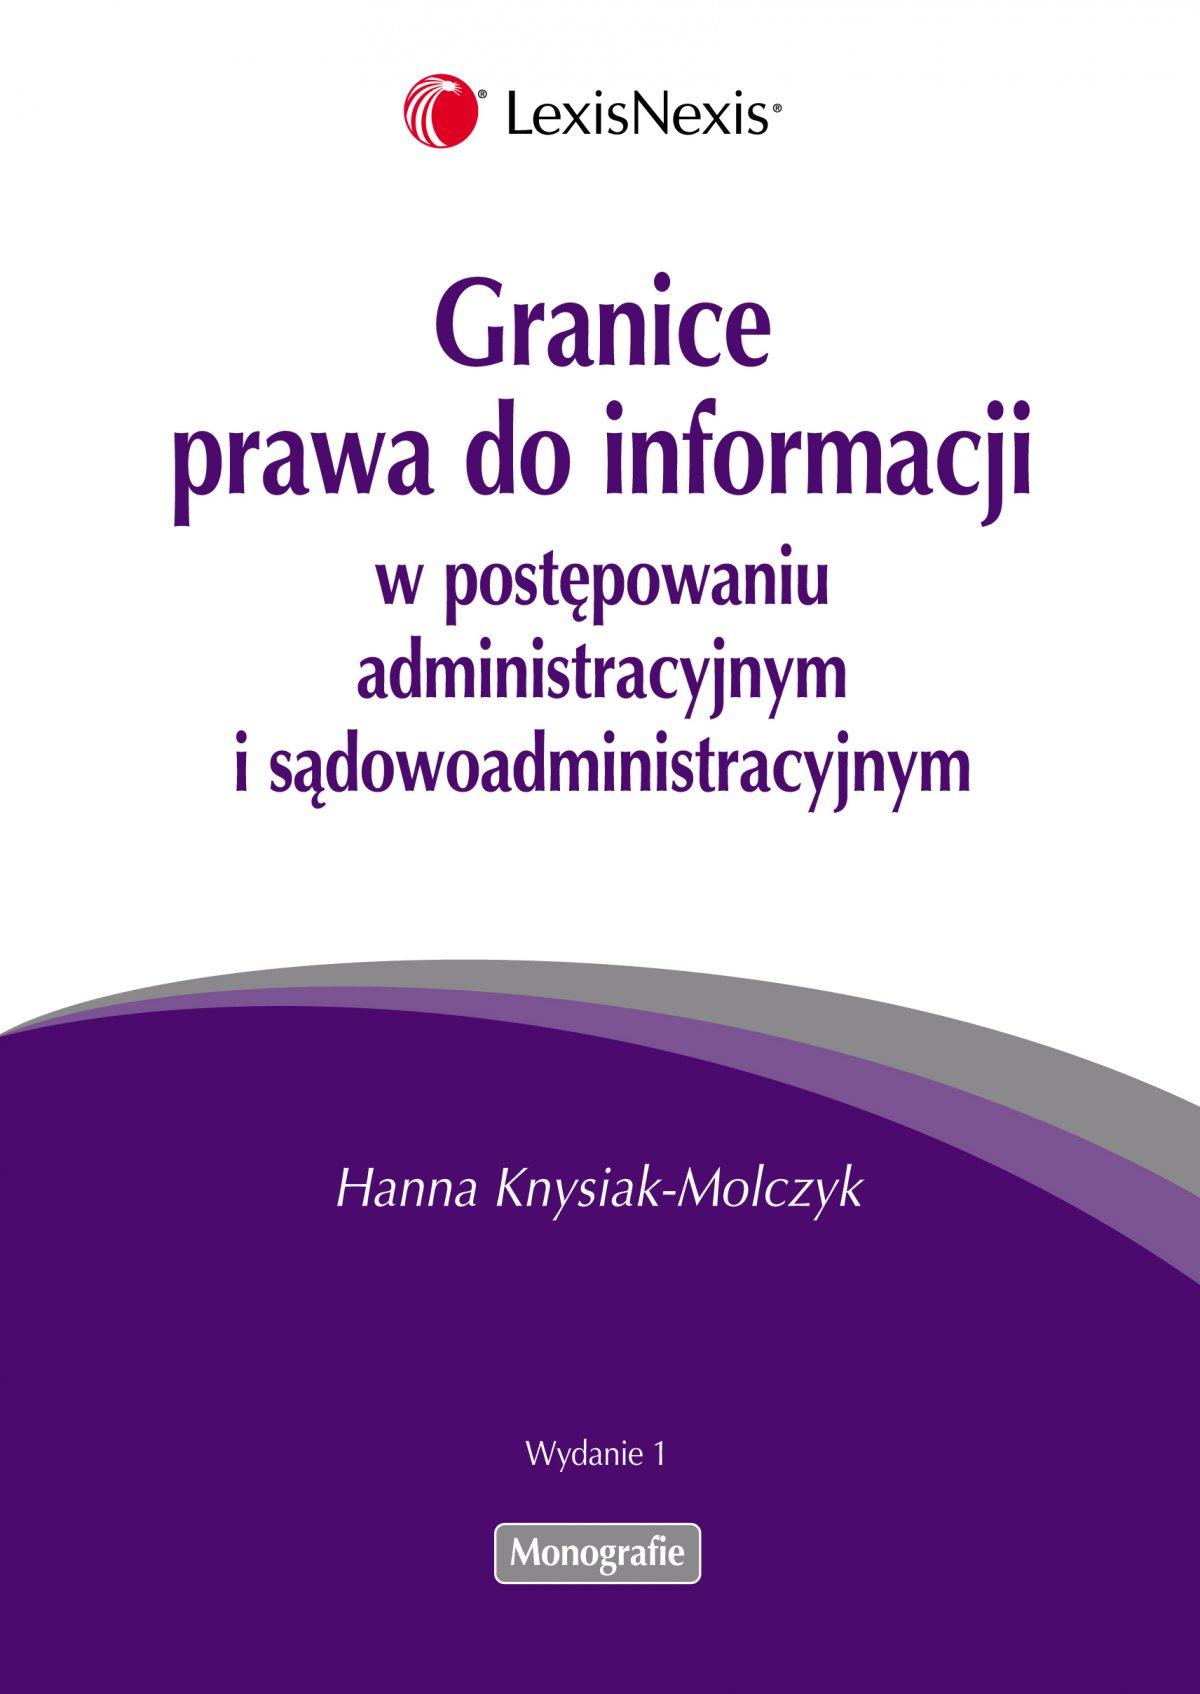 Granice prawa do informacji w postępowaniu administracyjnym i sądowoadministracyjnym - Ebook (Książka EPUB) do pobrania w formacie EPUB